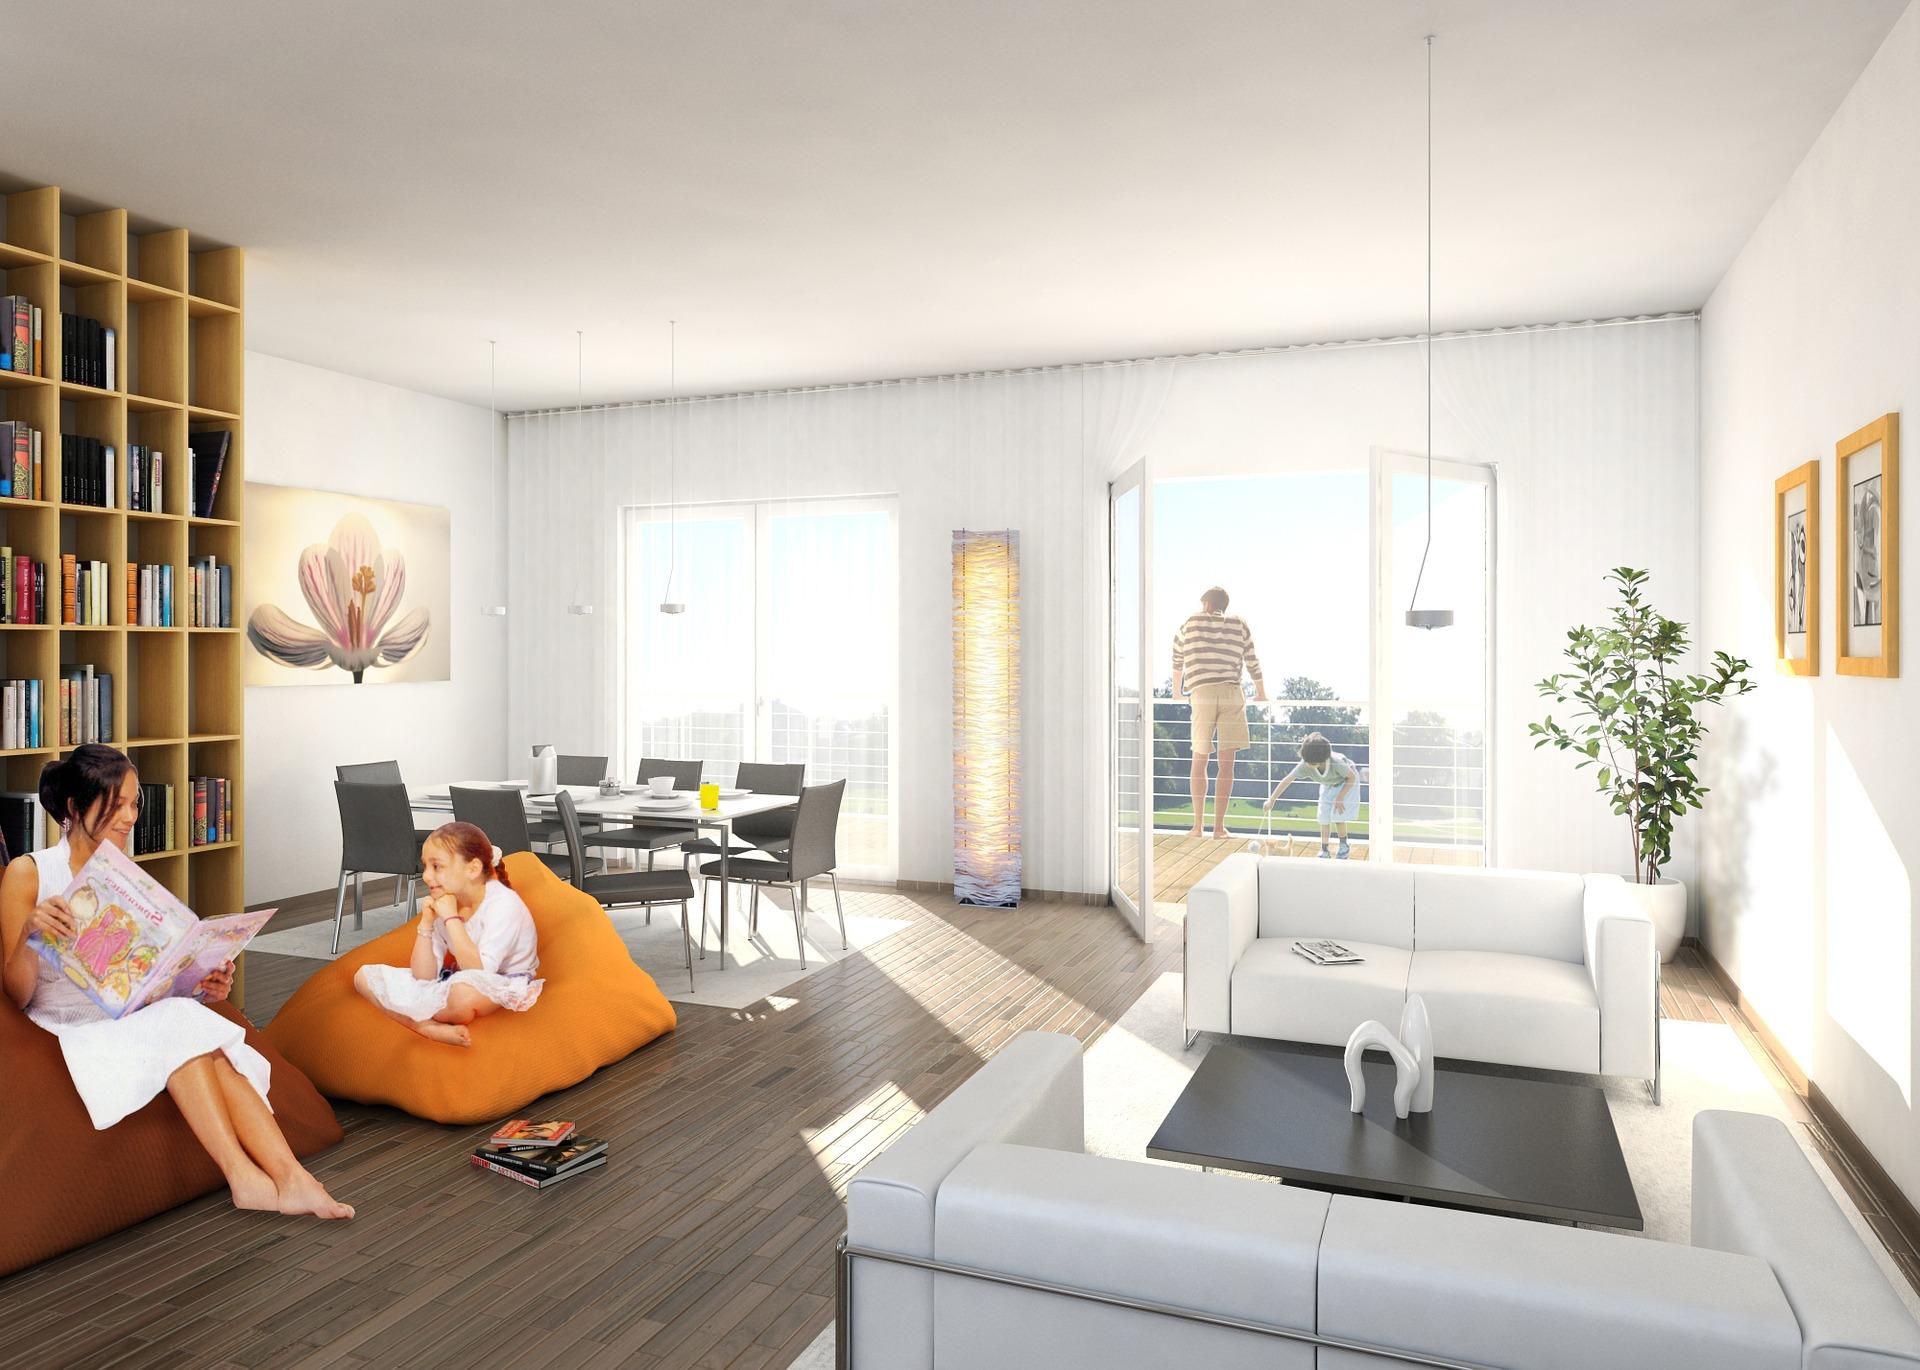 Wann darf der Vermieter die Wohnung besichtigen?